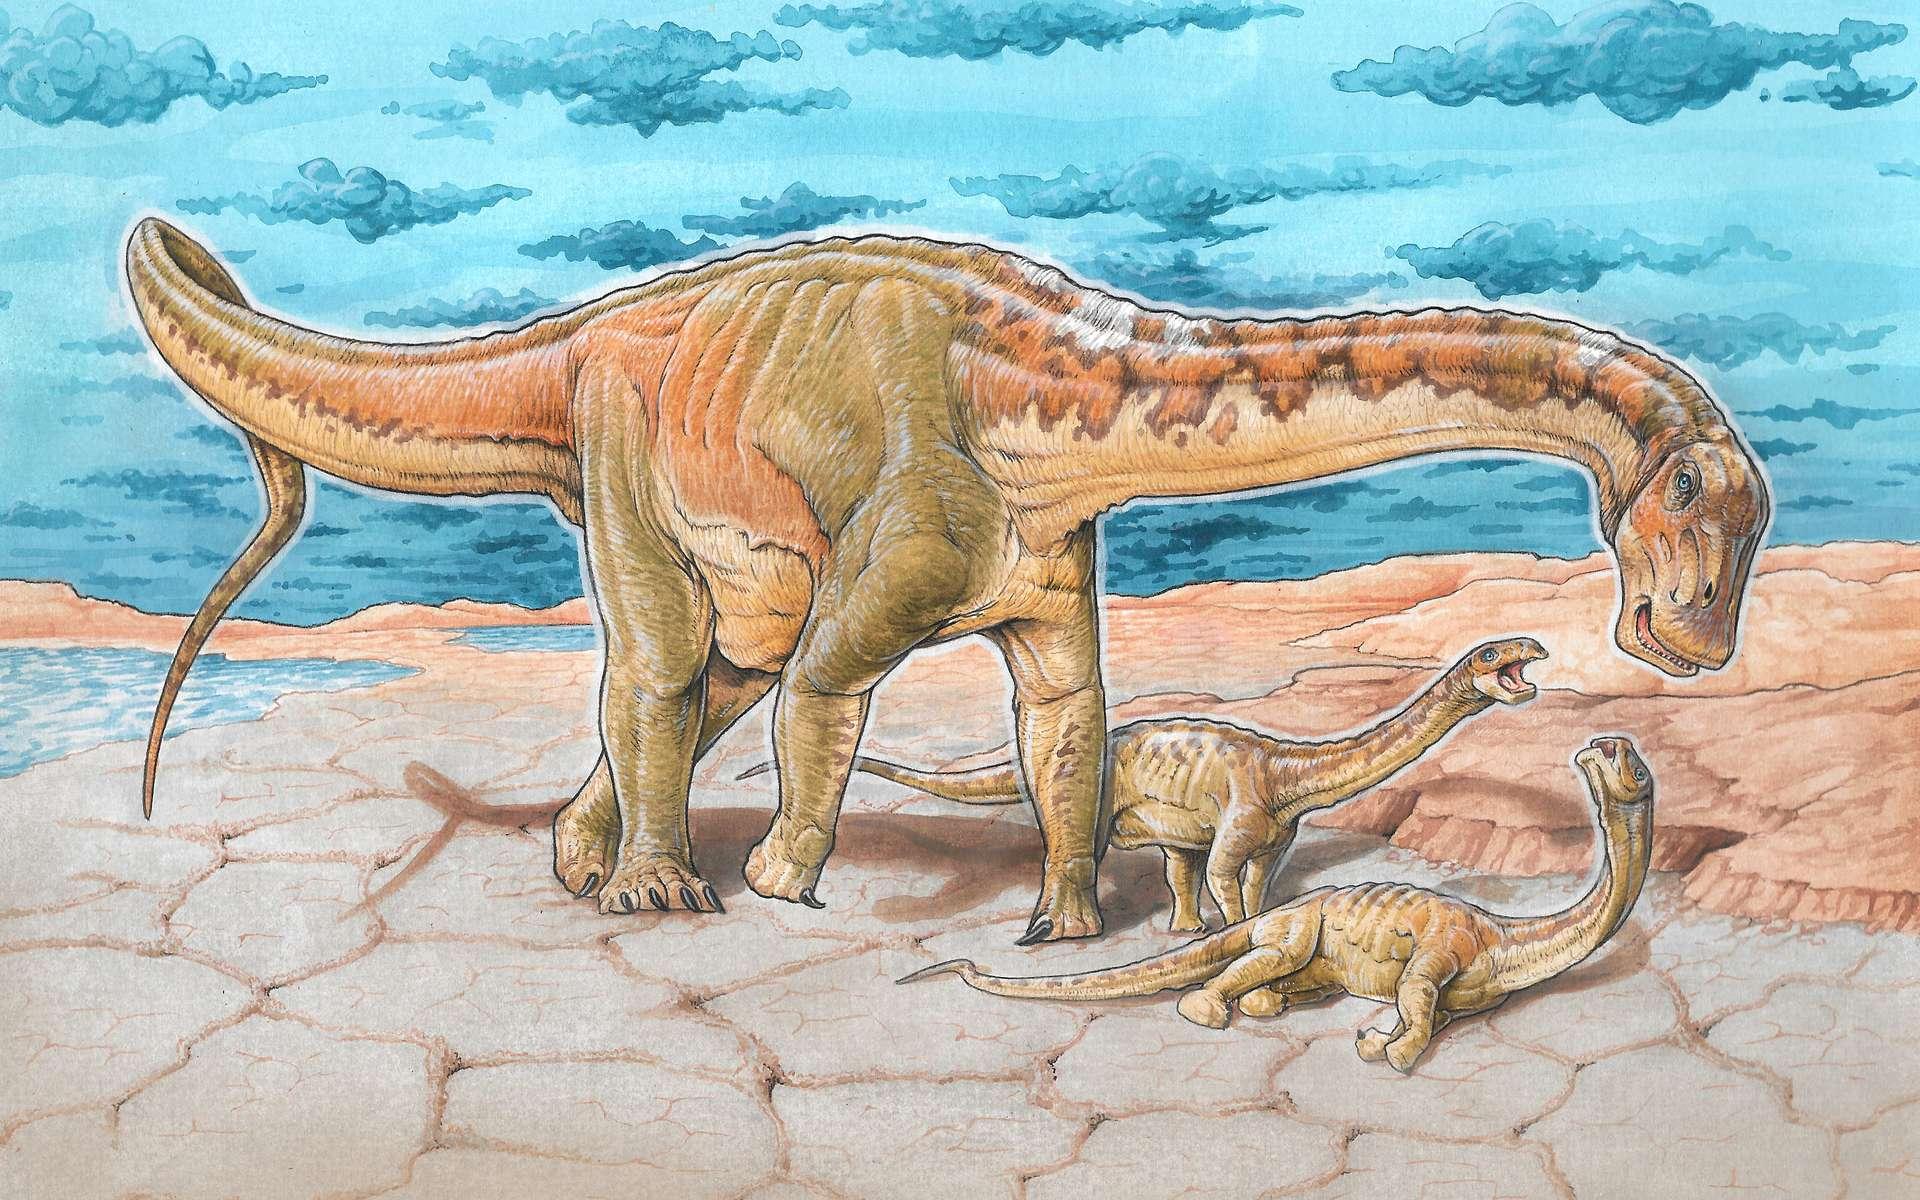 Reconstitution d'un Lavocatisaurus adulte auprès de ses petits. © Jcarballido, Wikimedia Commons, CC by-sa 4.0